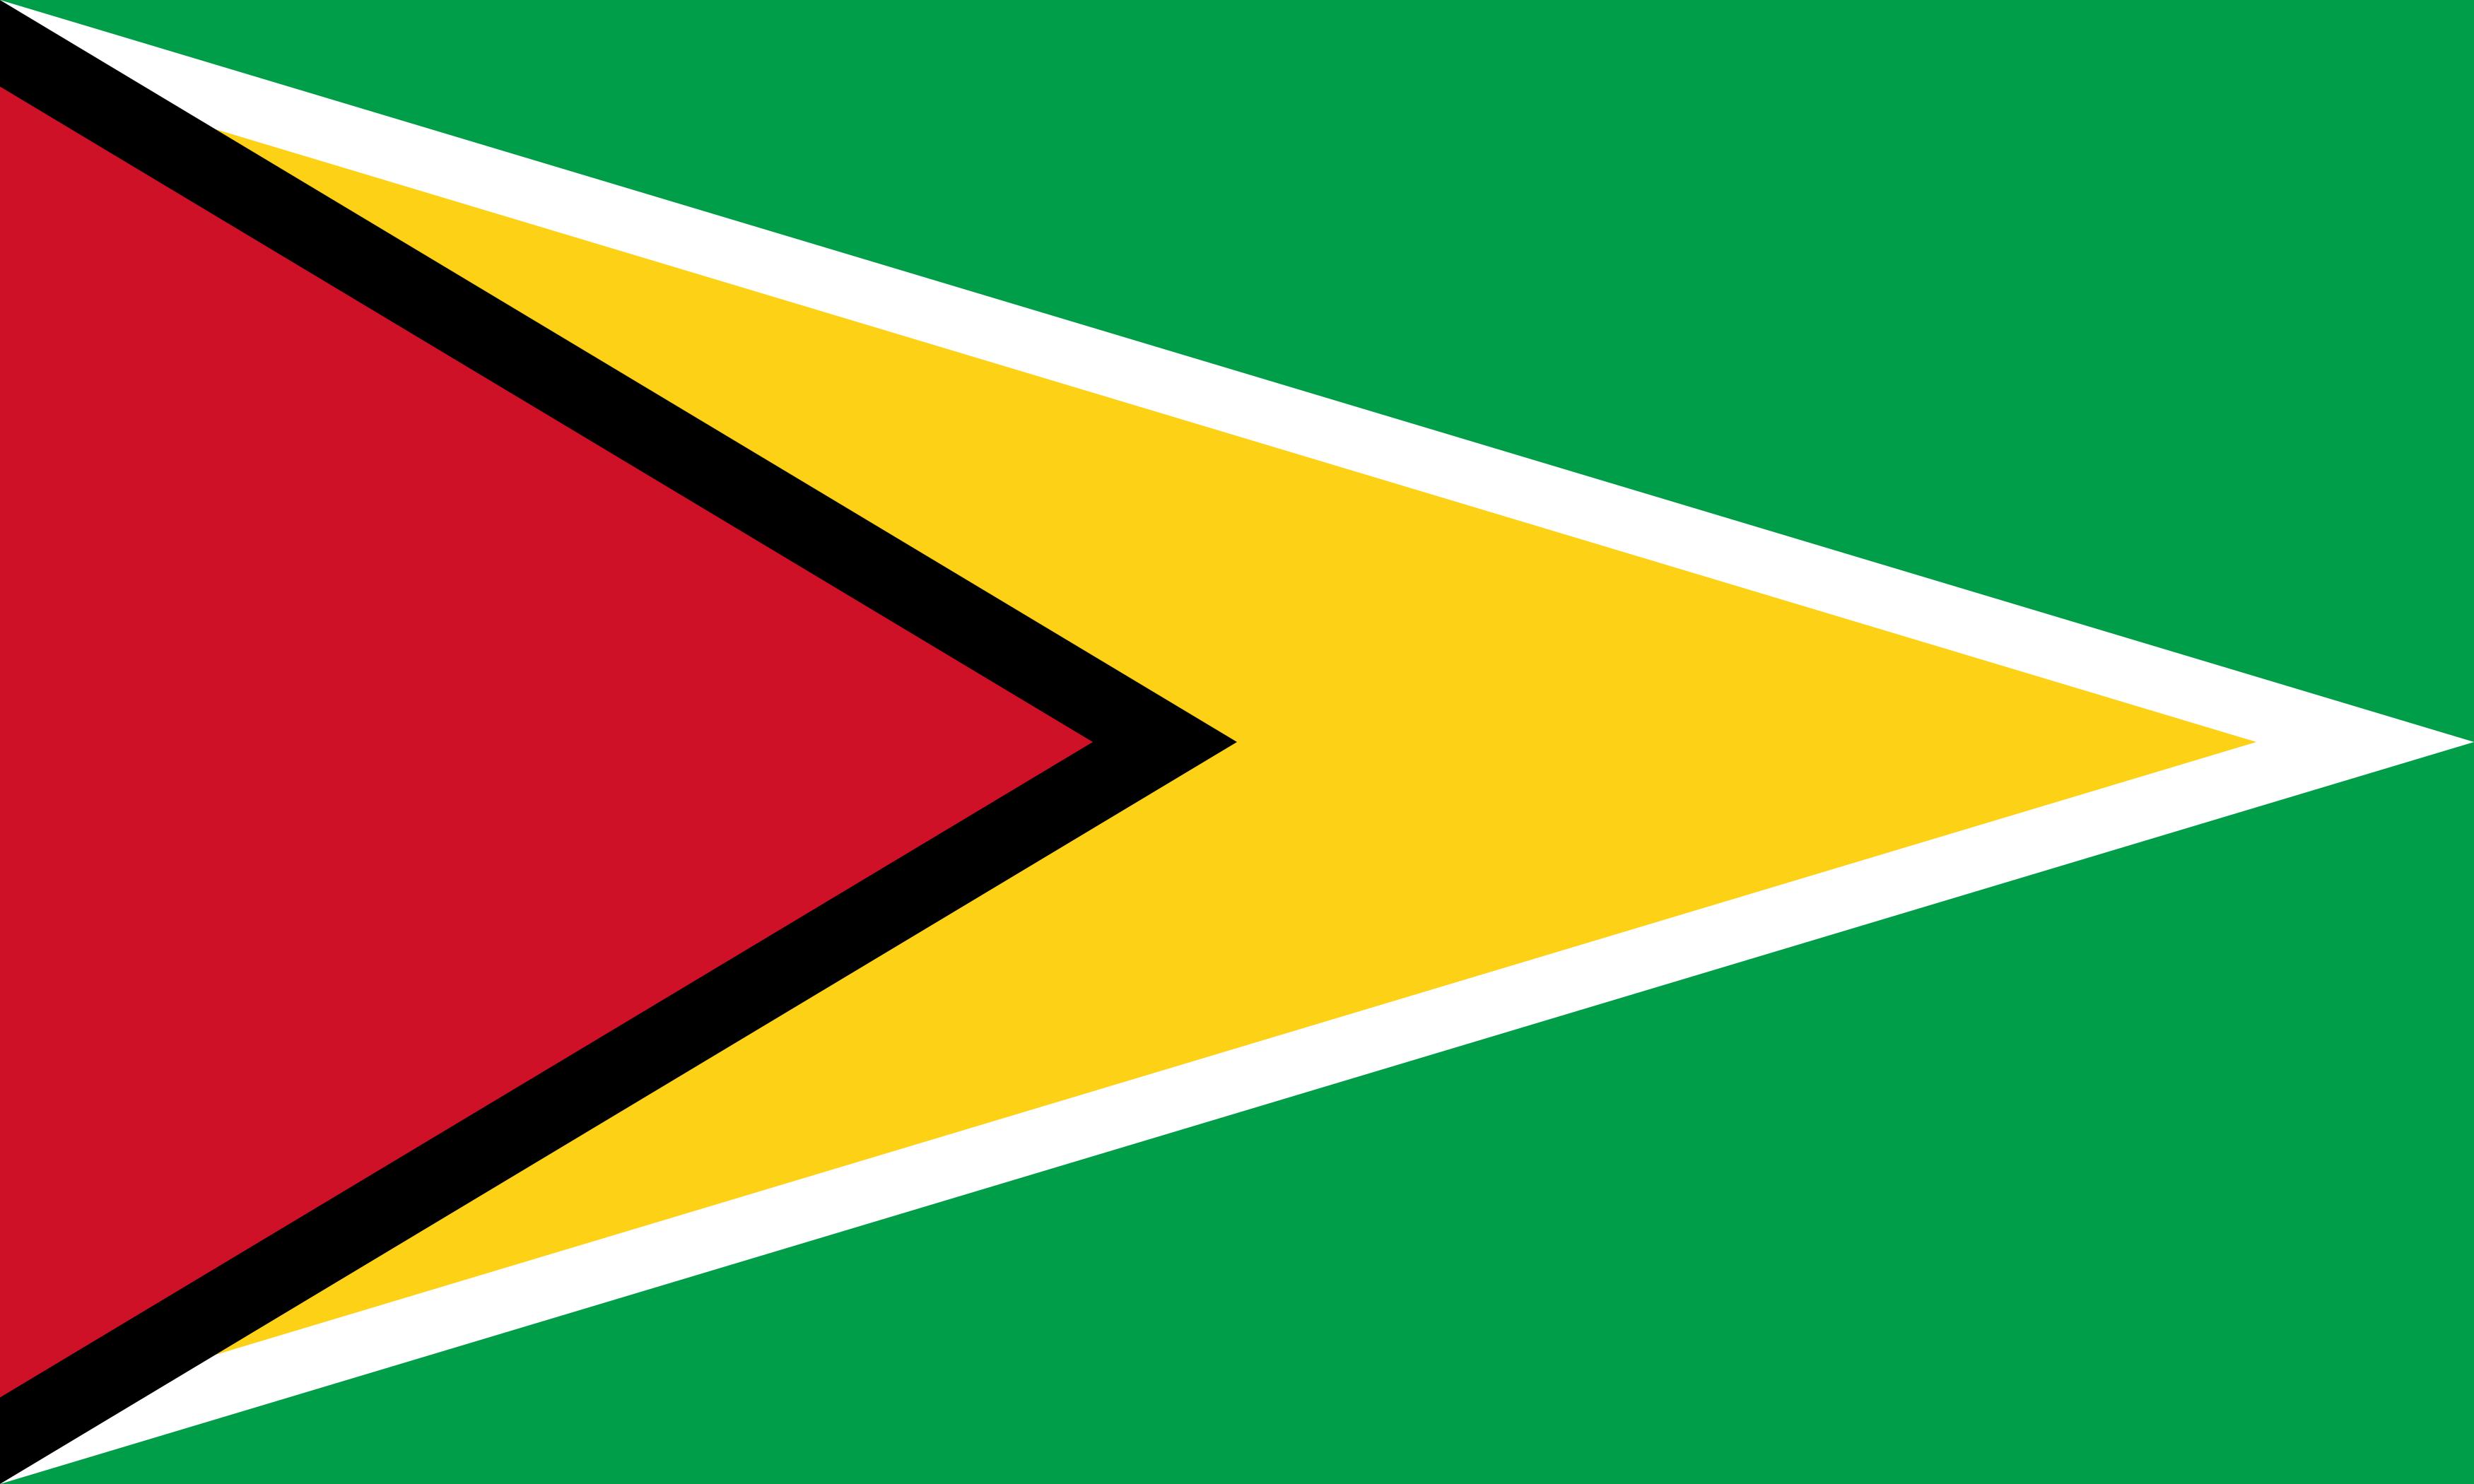 bandeira da guiana - Bandeira da Guiana